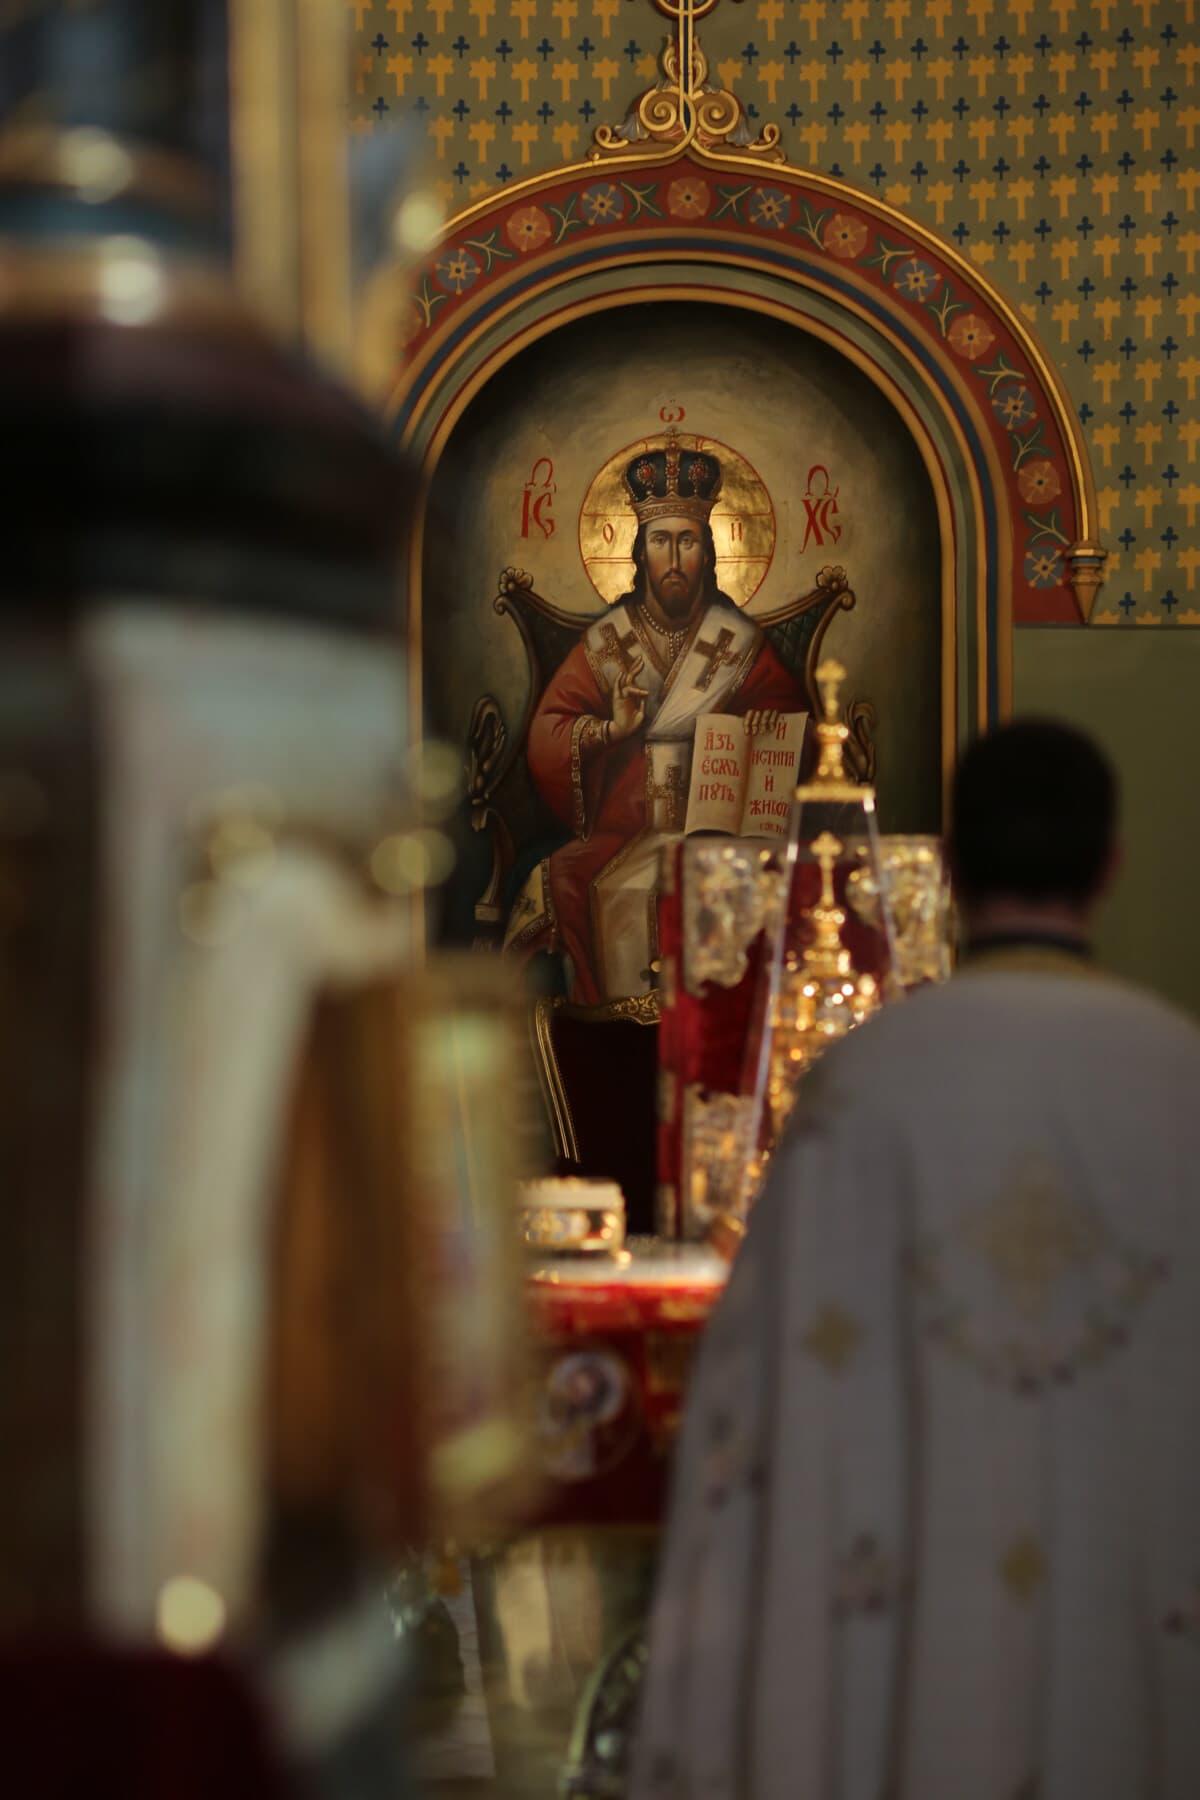 paradis, Saint, King, royaume, Christ, Christianisme, église, prêtre, autel, vêtement de cérémonie